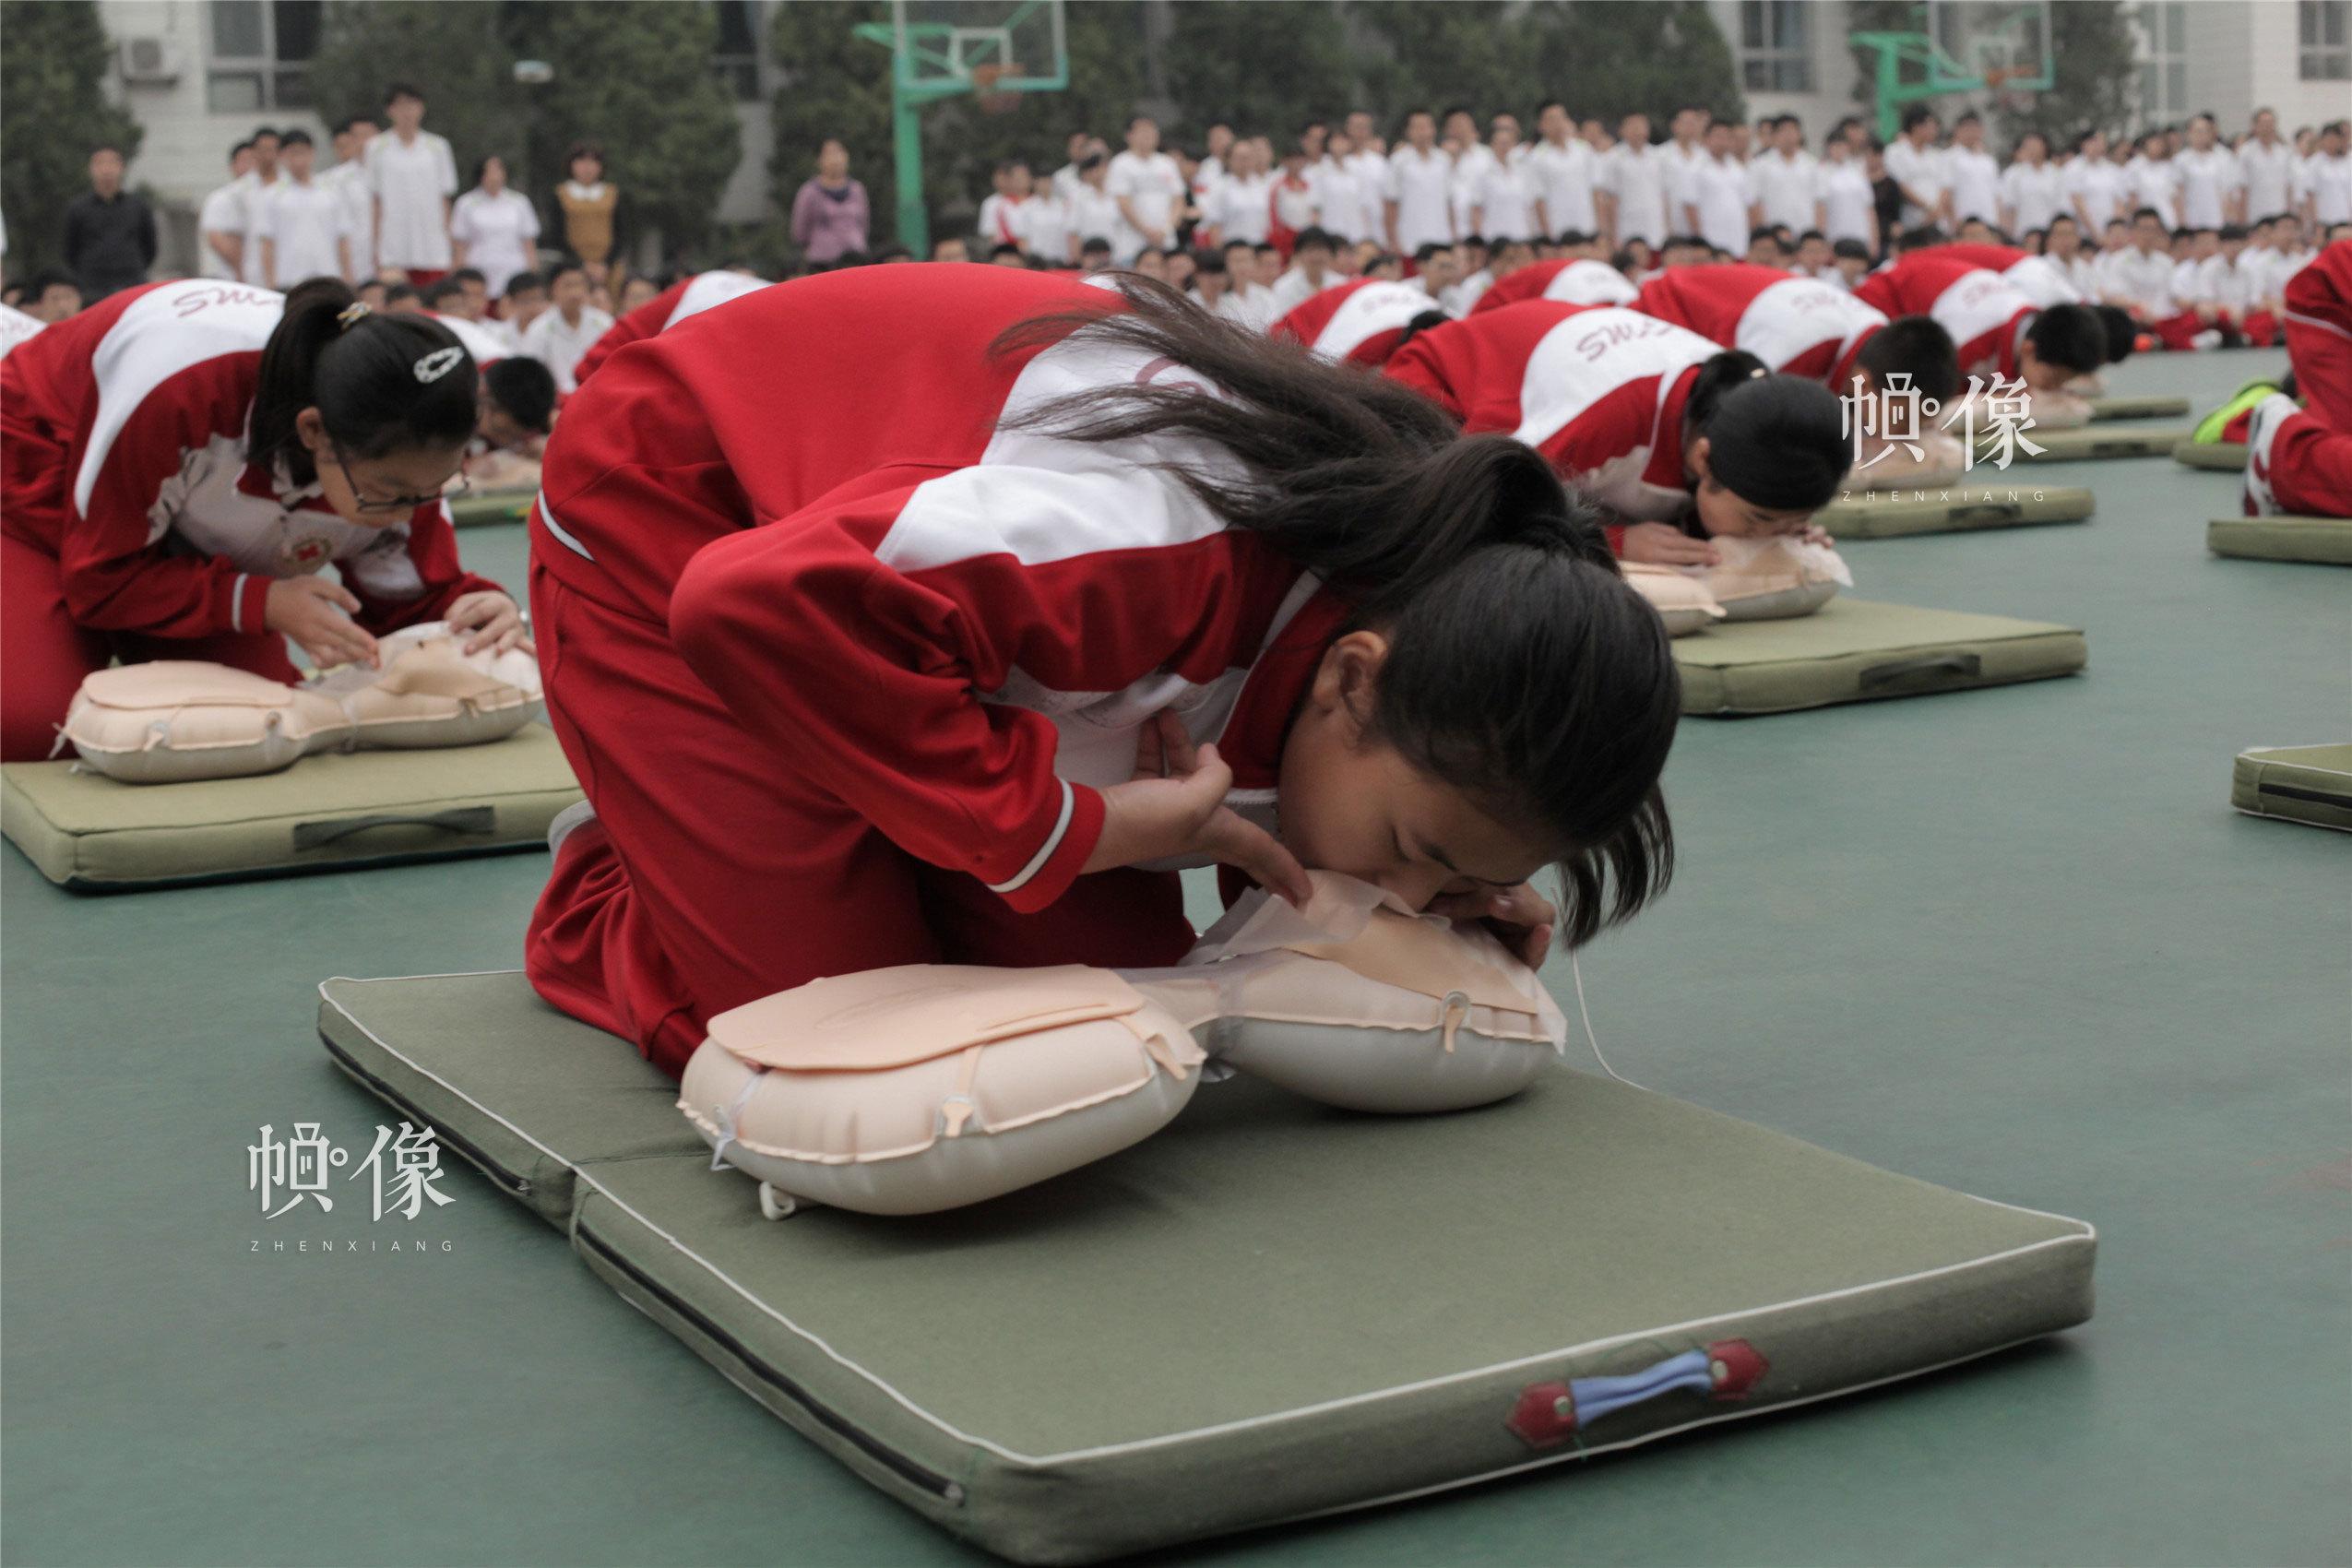 2014年9月22日,西城區44中學生進行心肺復蘇術等應急救護技能大操練。(西城區紅十字會供圖)